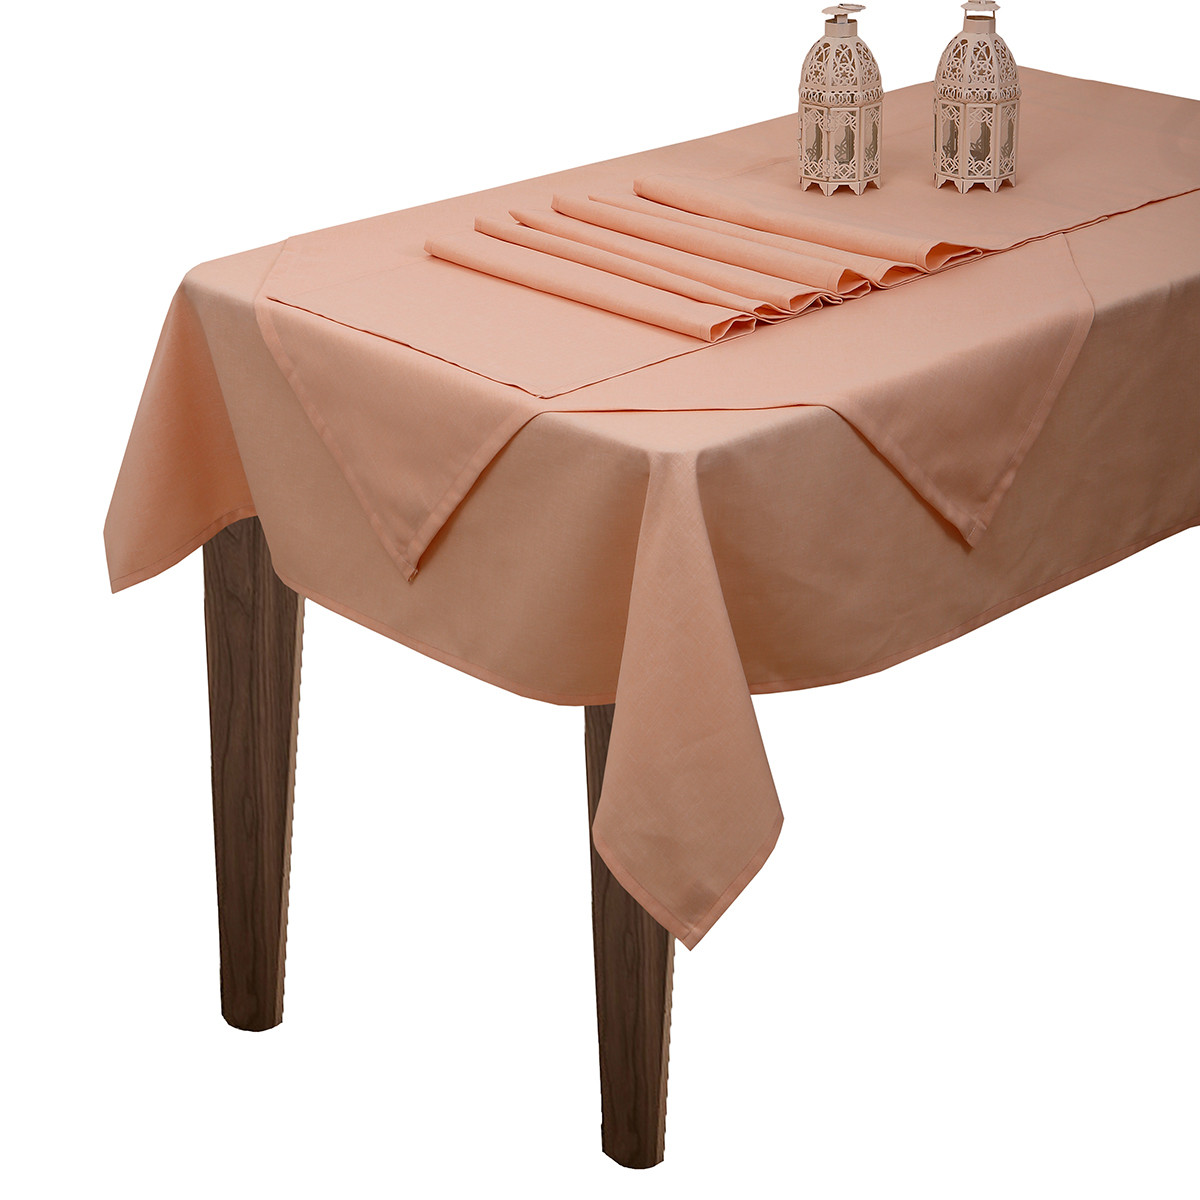 Τραπεζομάντηλο (160×250) Viopros Σάρα Χρ2